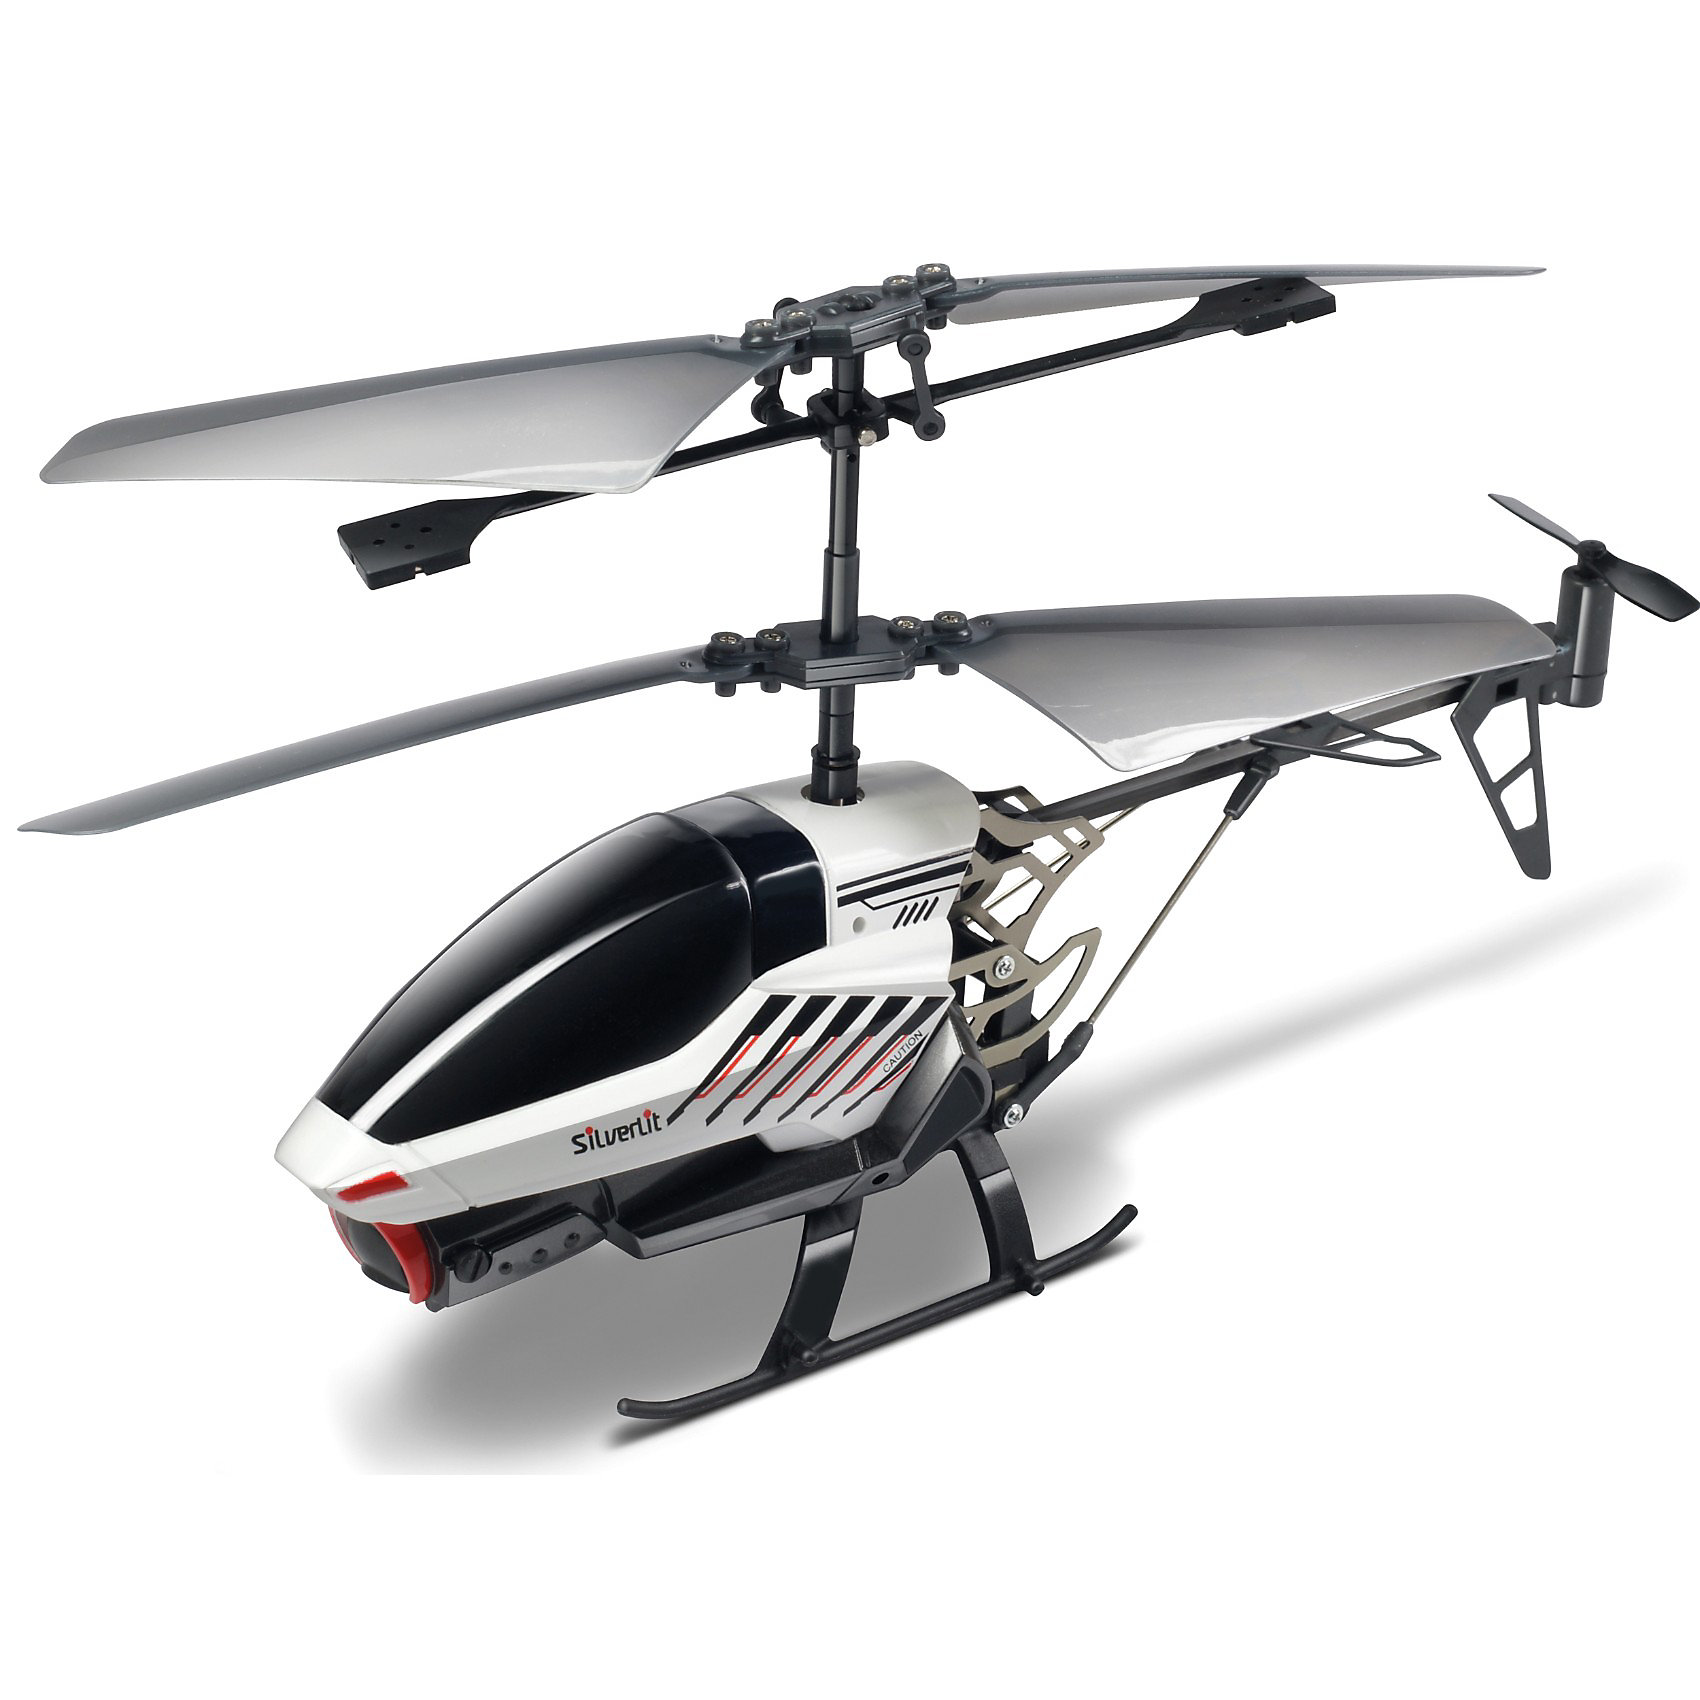 silverlit silverlit вертолет со стрелами helli blaster на радиоуправлении 3х канальный Silverlit Вертолет Шпион с видеокамерой 3х канальный, Silverlit